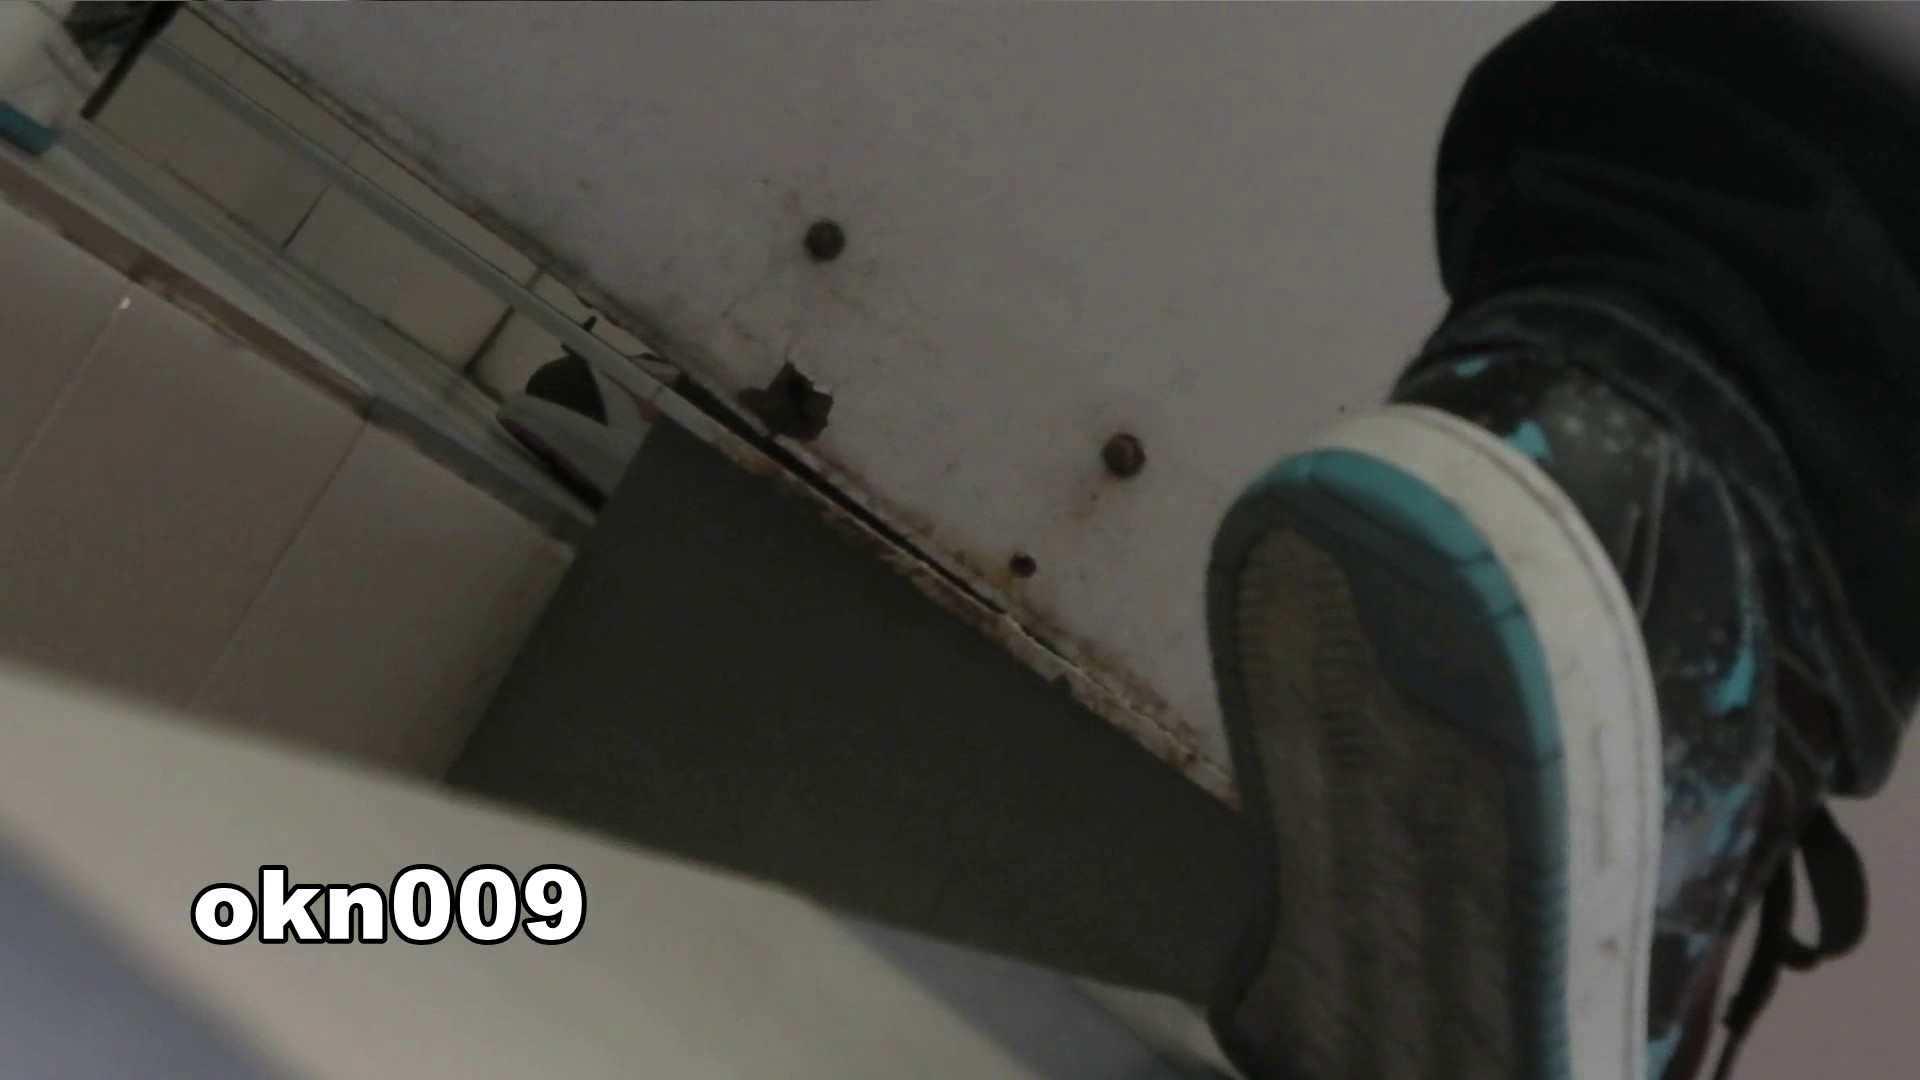 下からノゾム vol.009 リキンでモリアガった割にヒョロ 洗面所 | 丸見えマンコ  55画像 43